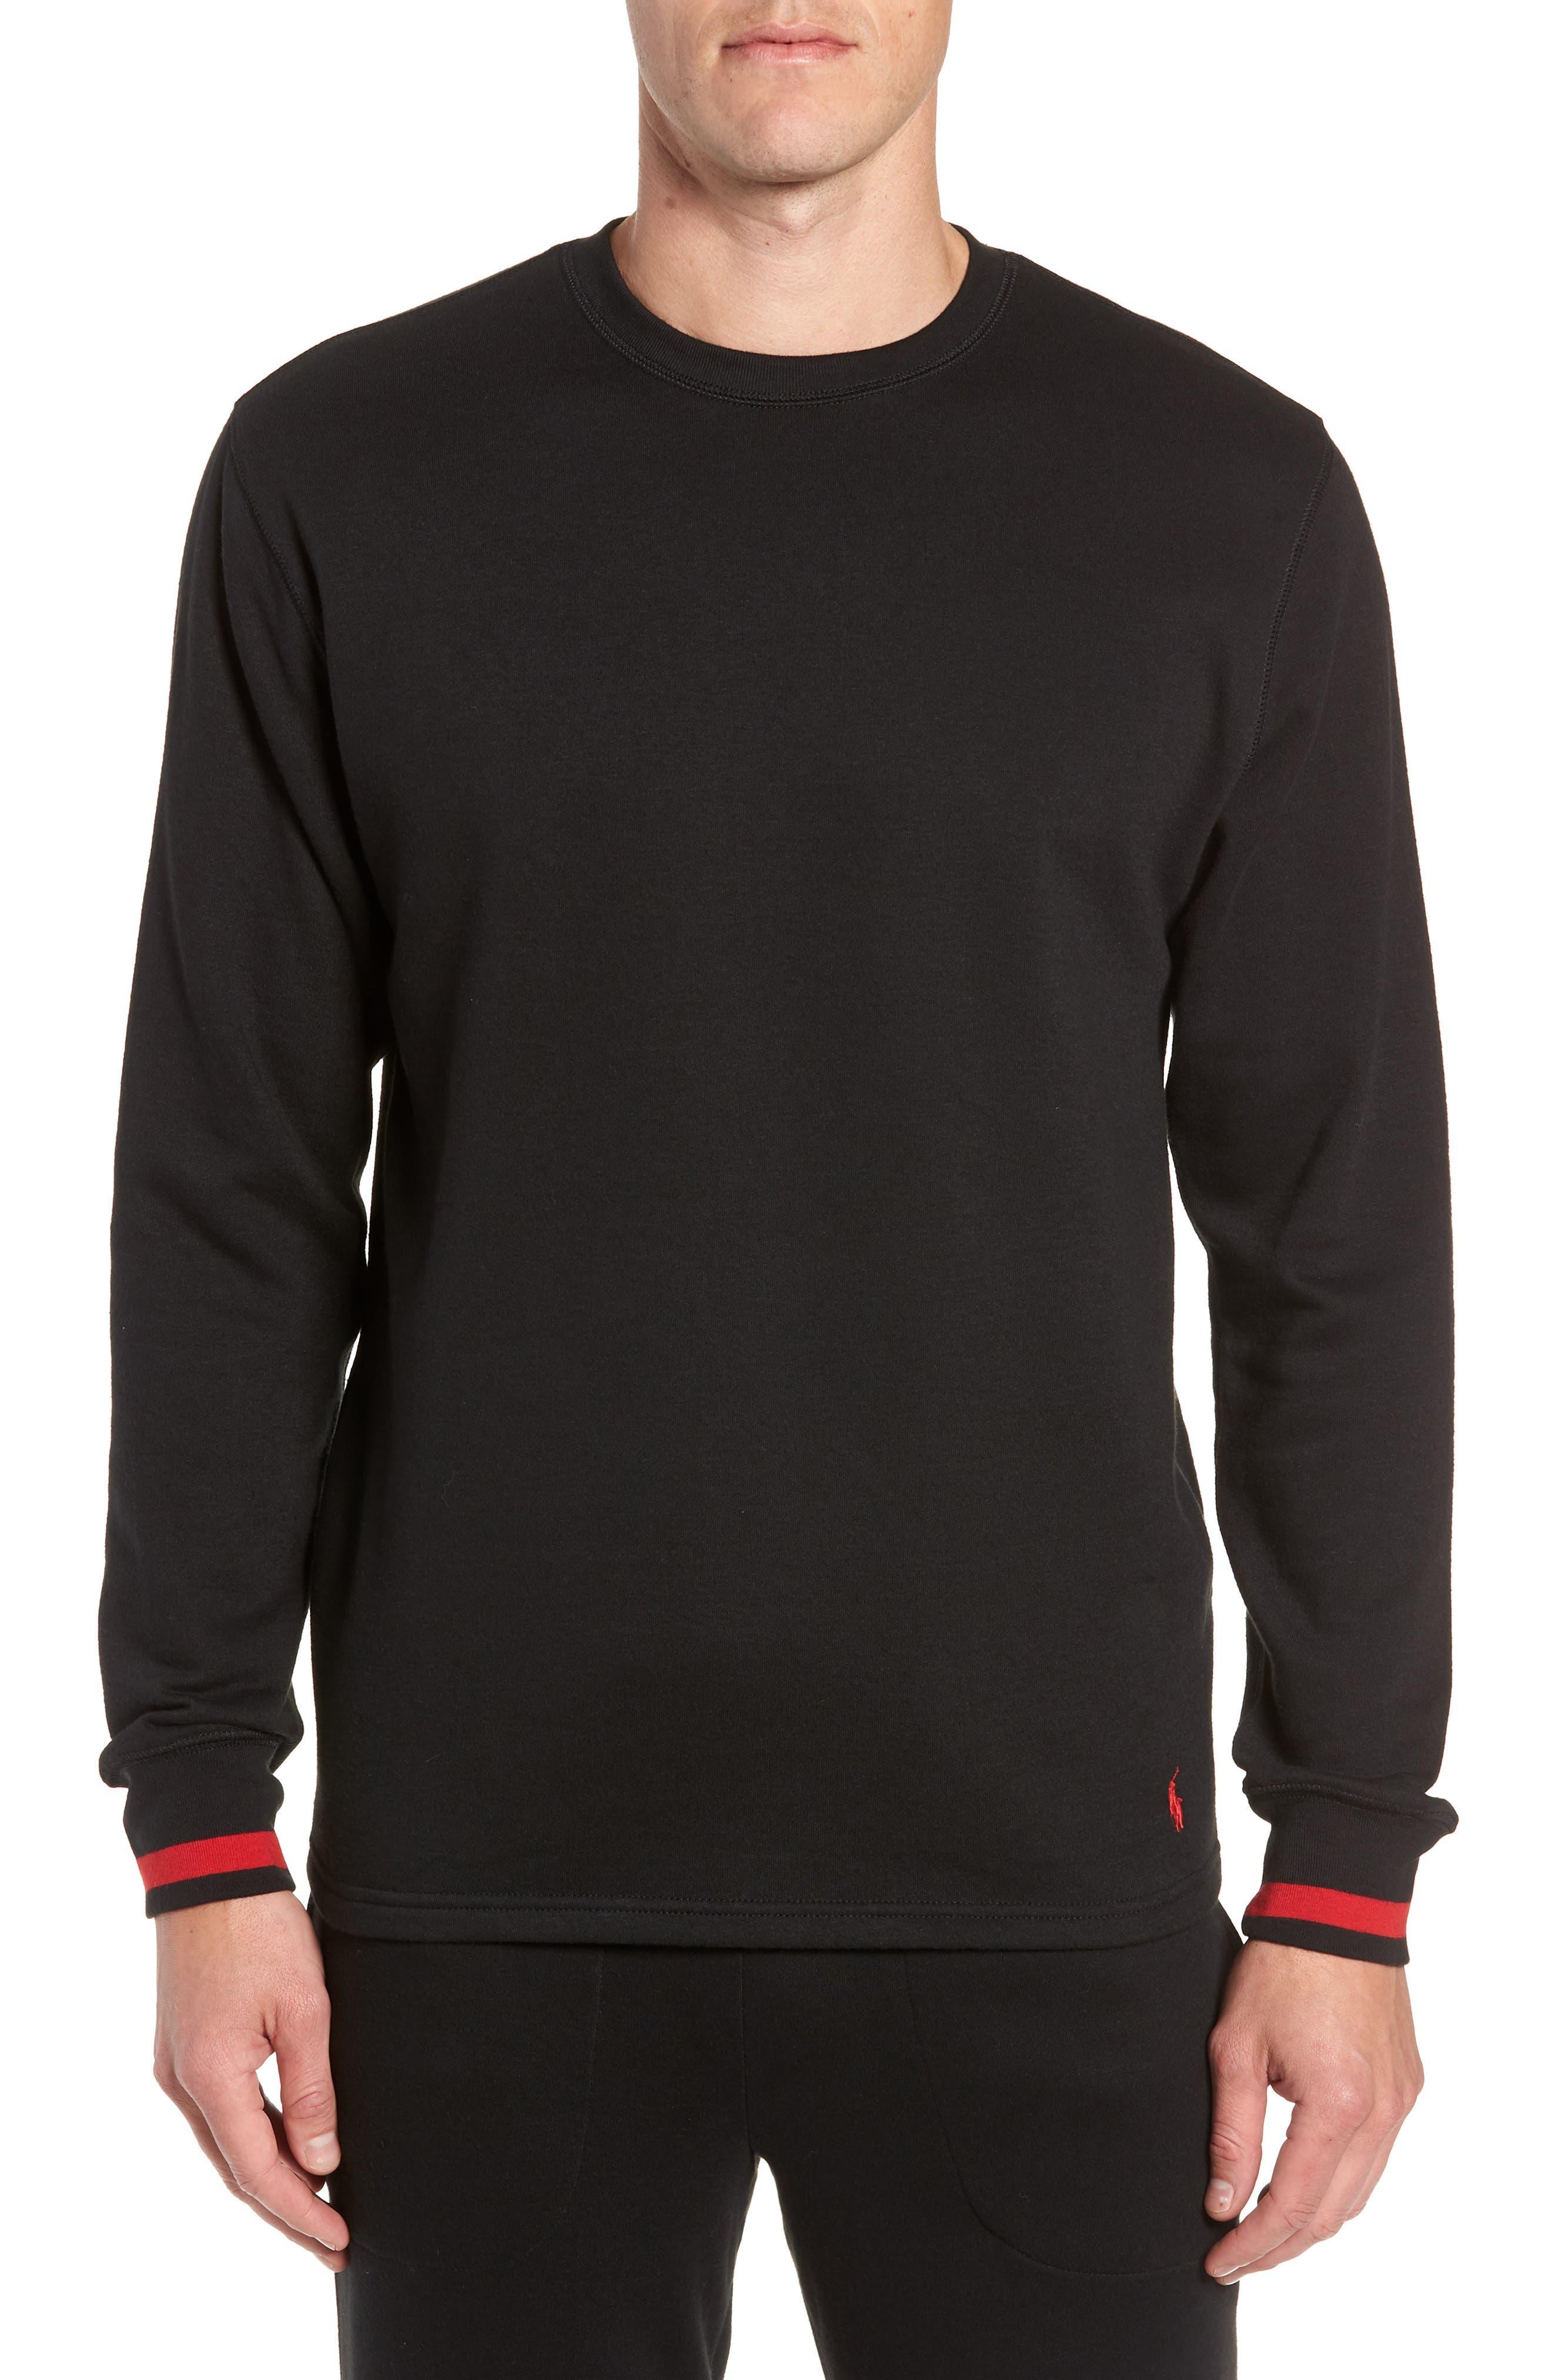 POLO RALPH LAUREN Brushed Jersey Cotton Blend Crewneck Sweatshirt, Main, color, POLO BLACK